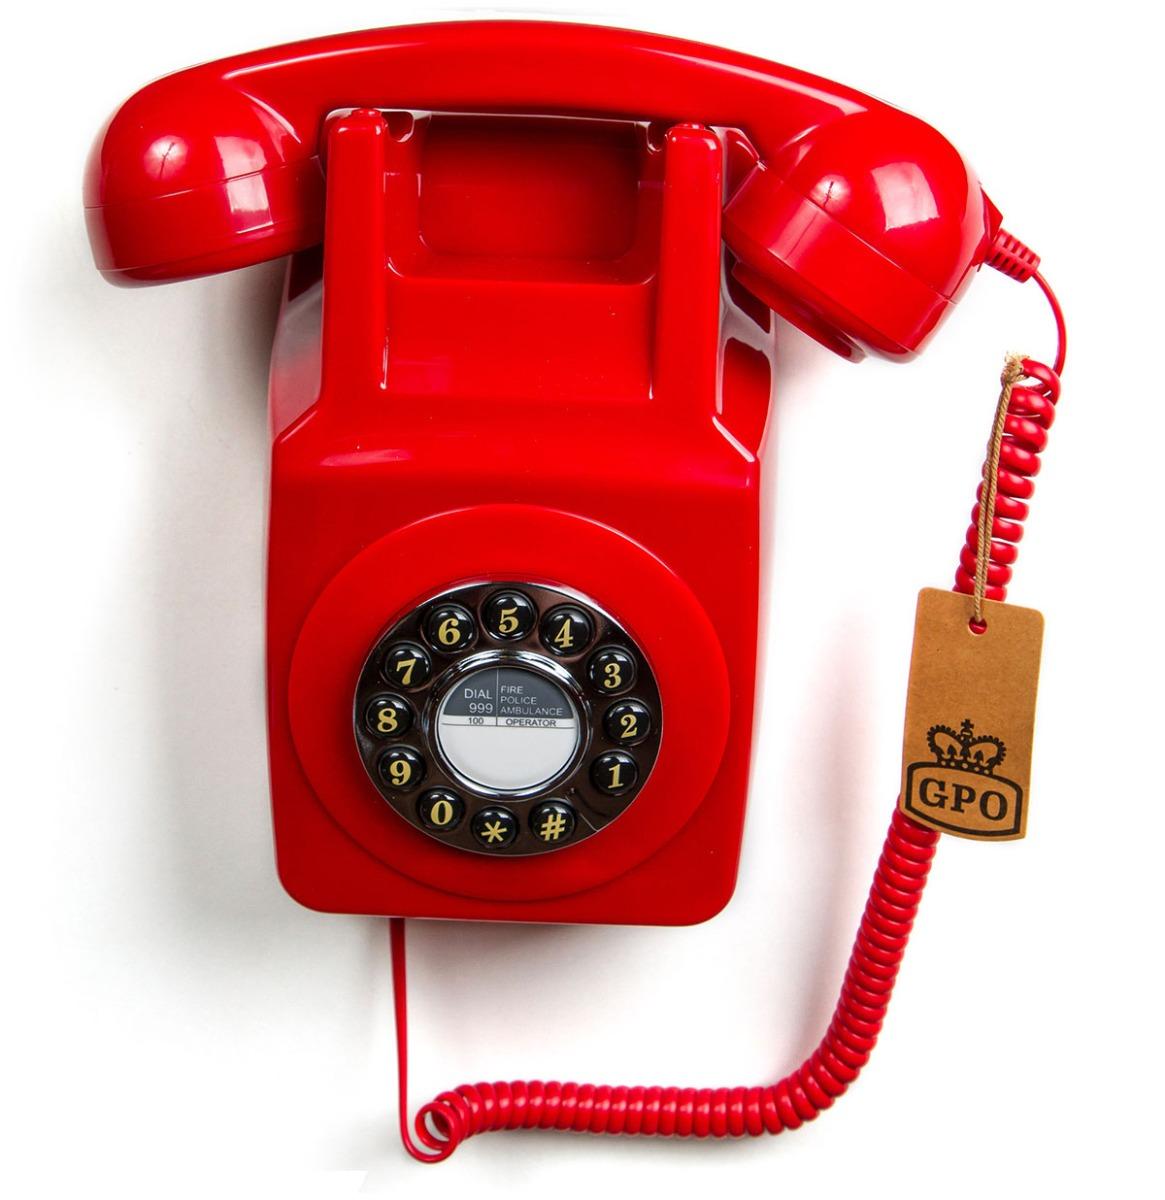 GPO Wandtelefoon '70 Ontwerp Rood